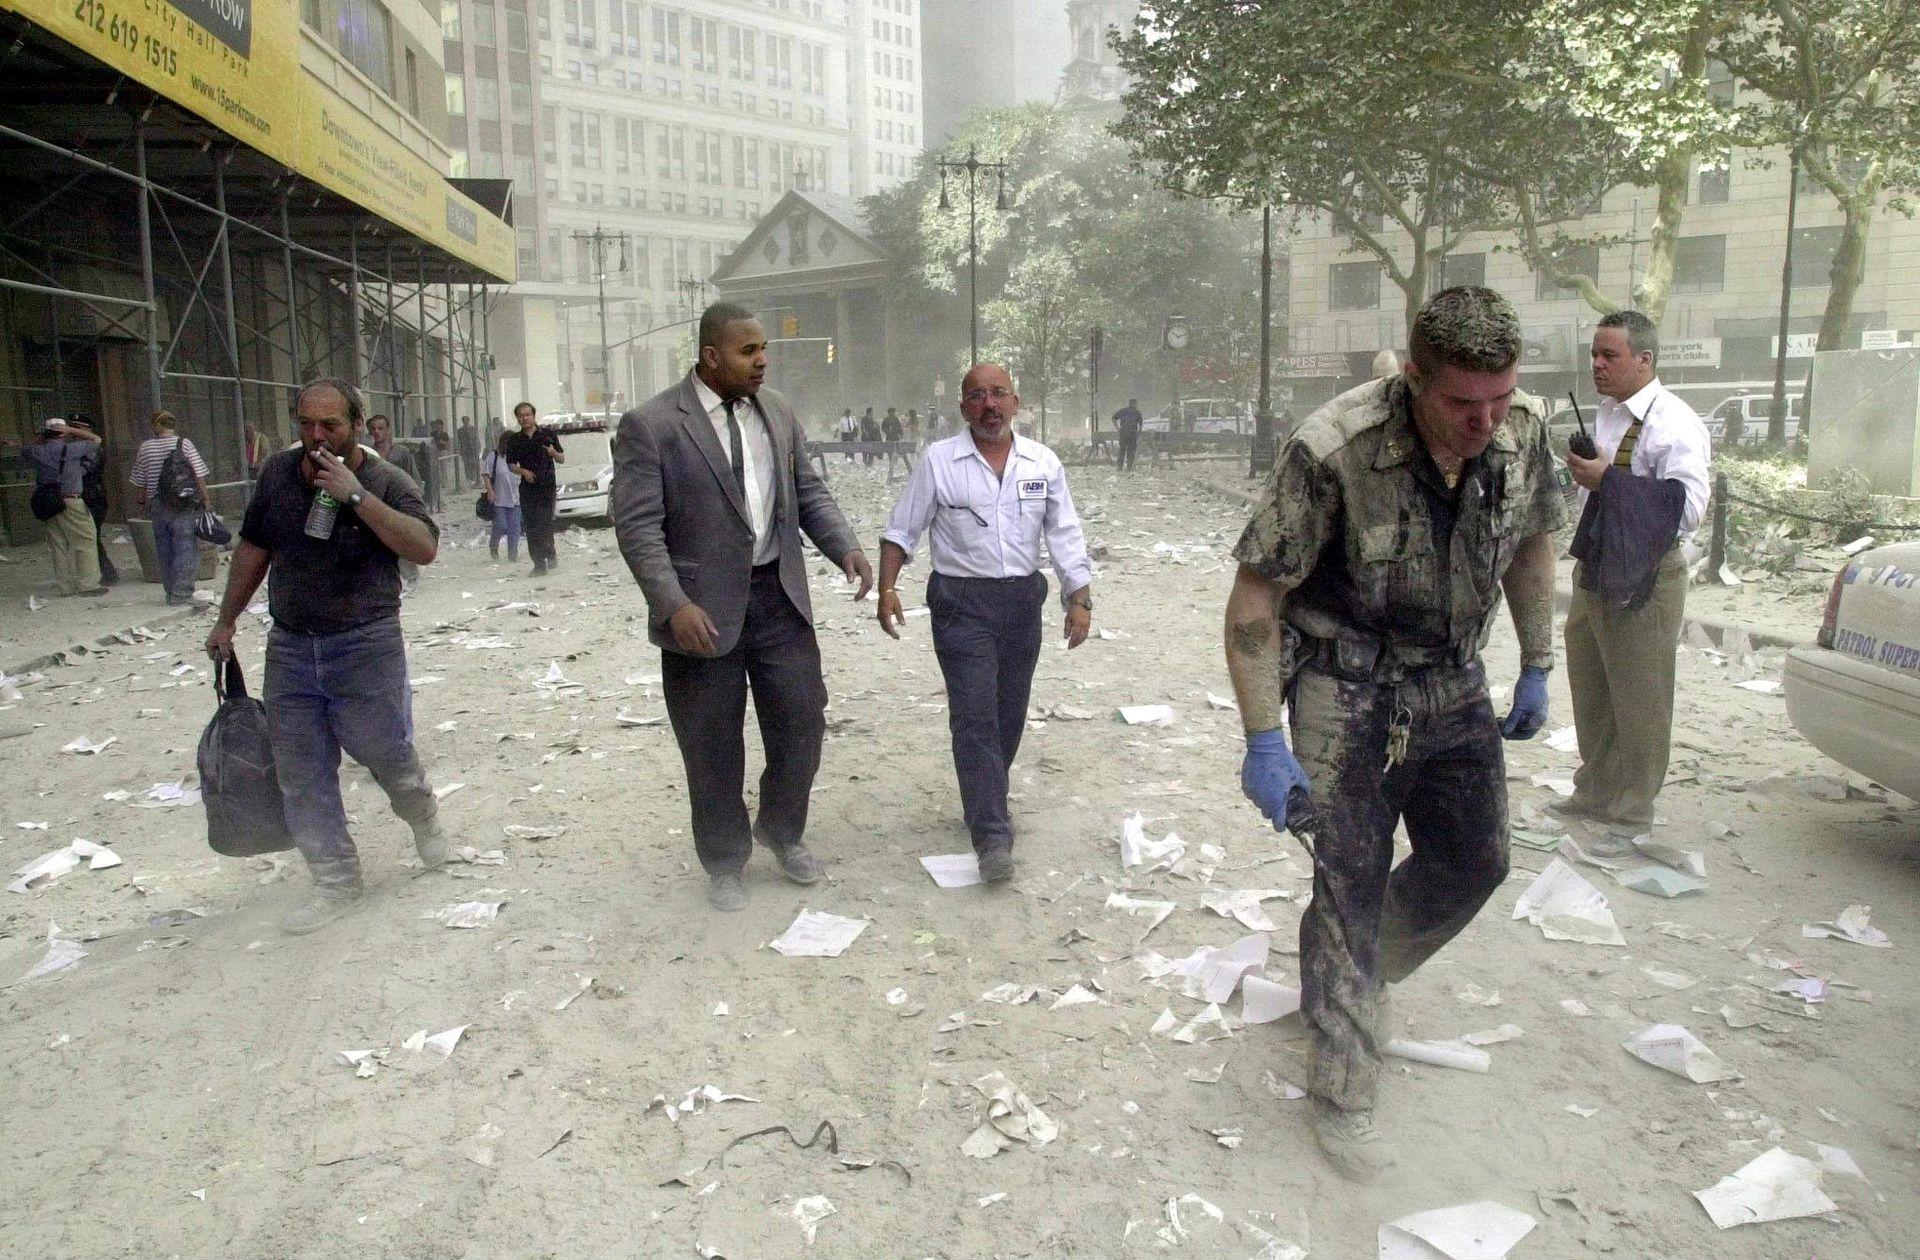 Un oficial de policía y varios ciudadanos caminan por las calles cubiertas de escombros cerca de las torres del World Trade Center